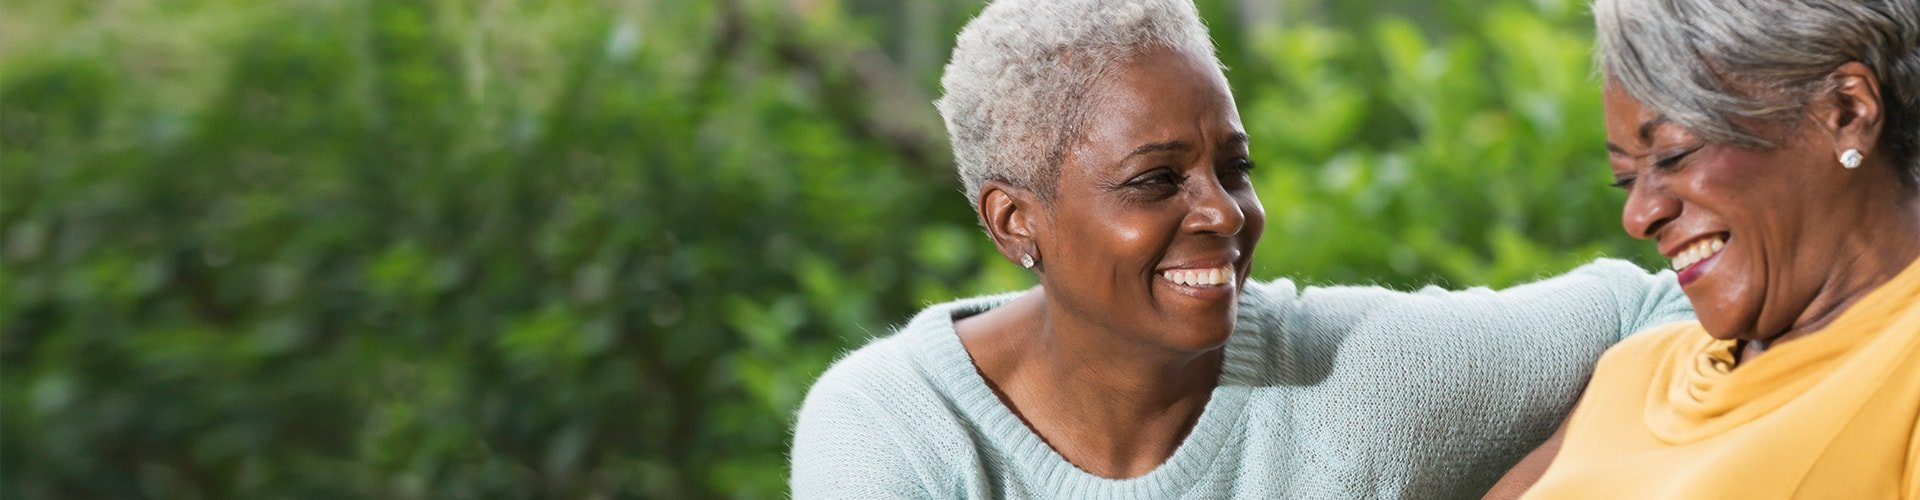 Deux femmes discutent ensemble. Philips Hearing Solutions vous aide à mieux entendre et à partager de bons moments avec vos proches